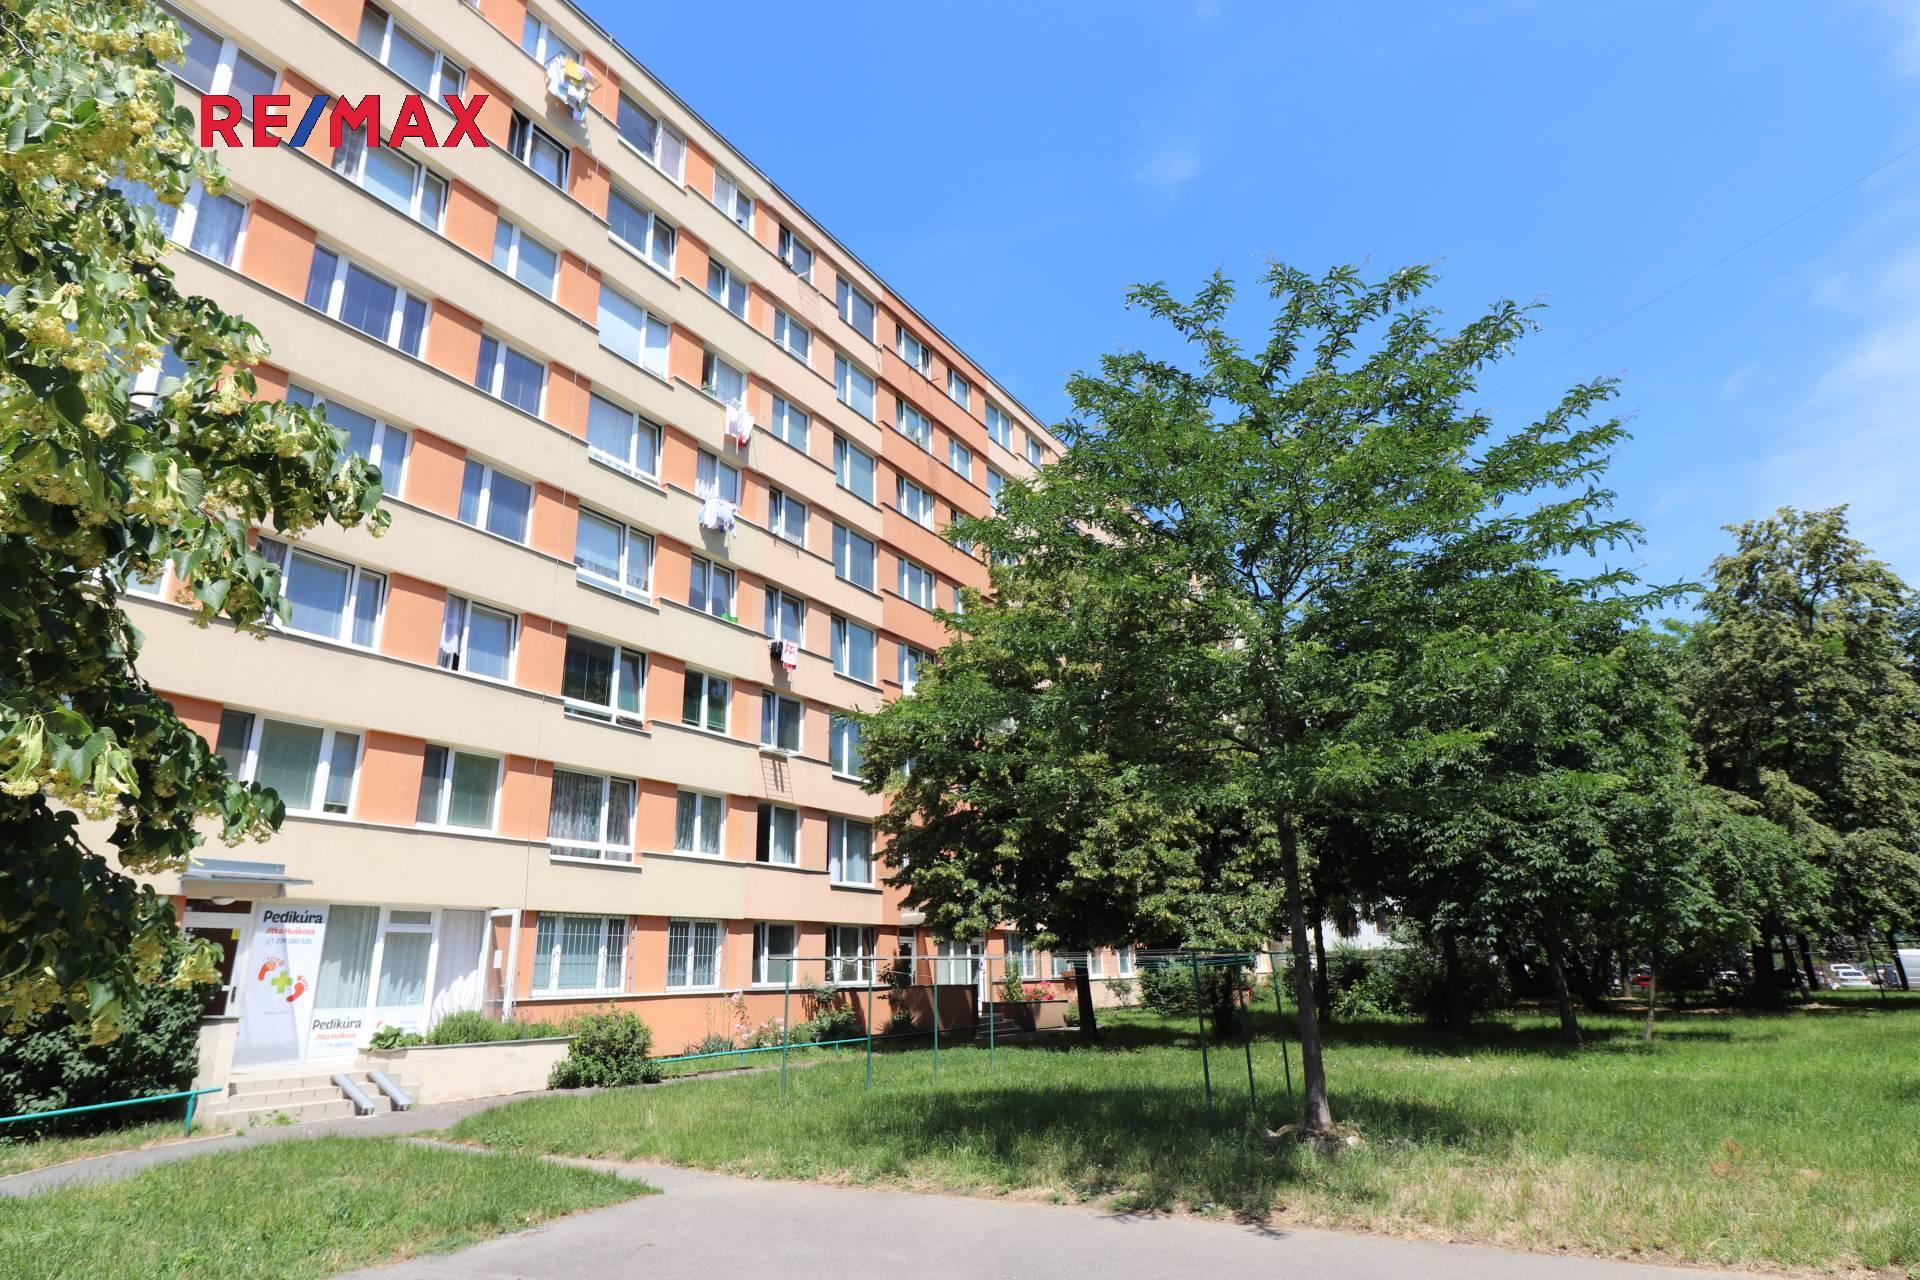 Prodej bytu 3+1 v osobním vlastnictví 71 m², Praha 4 - Michle